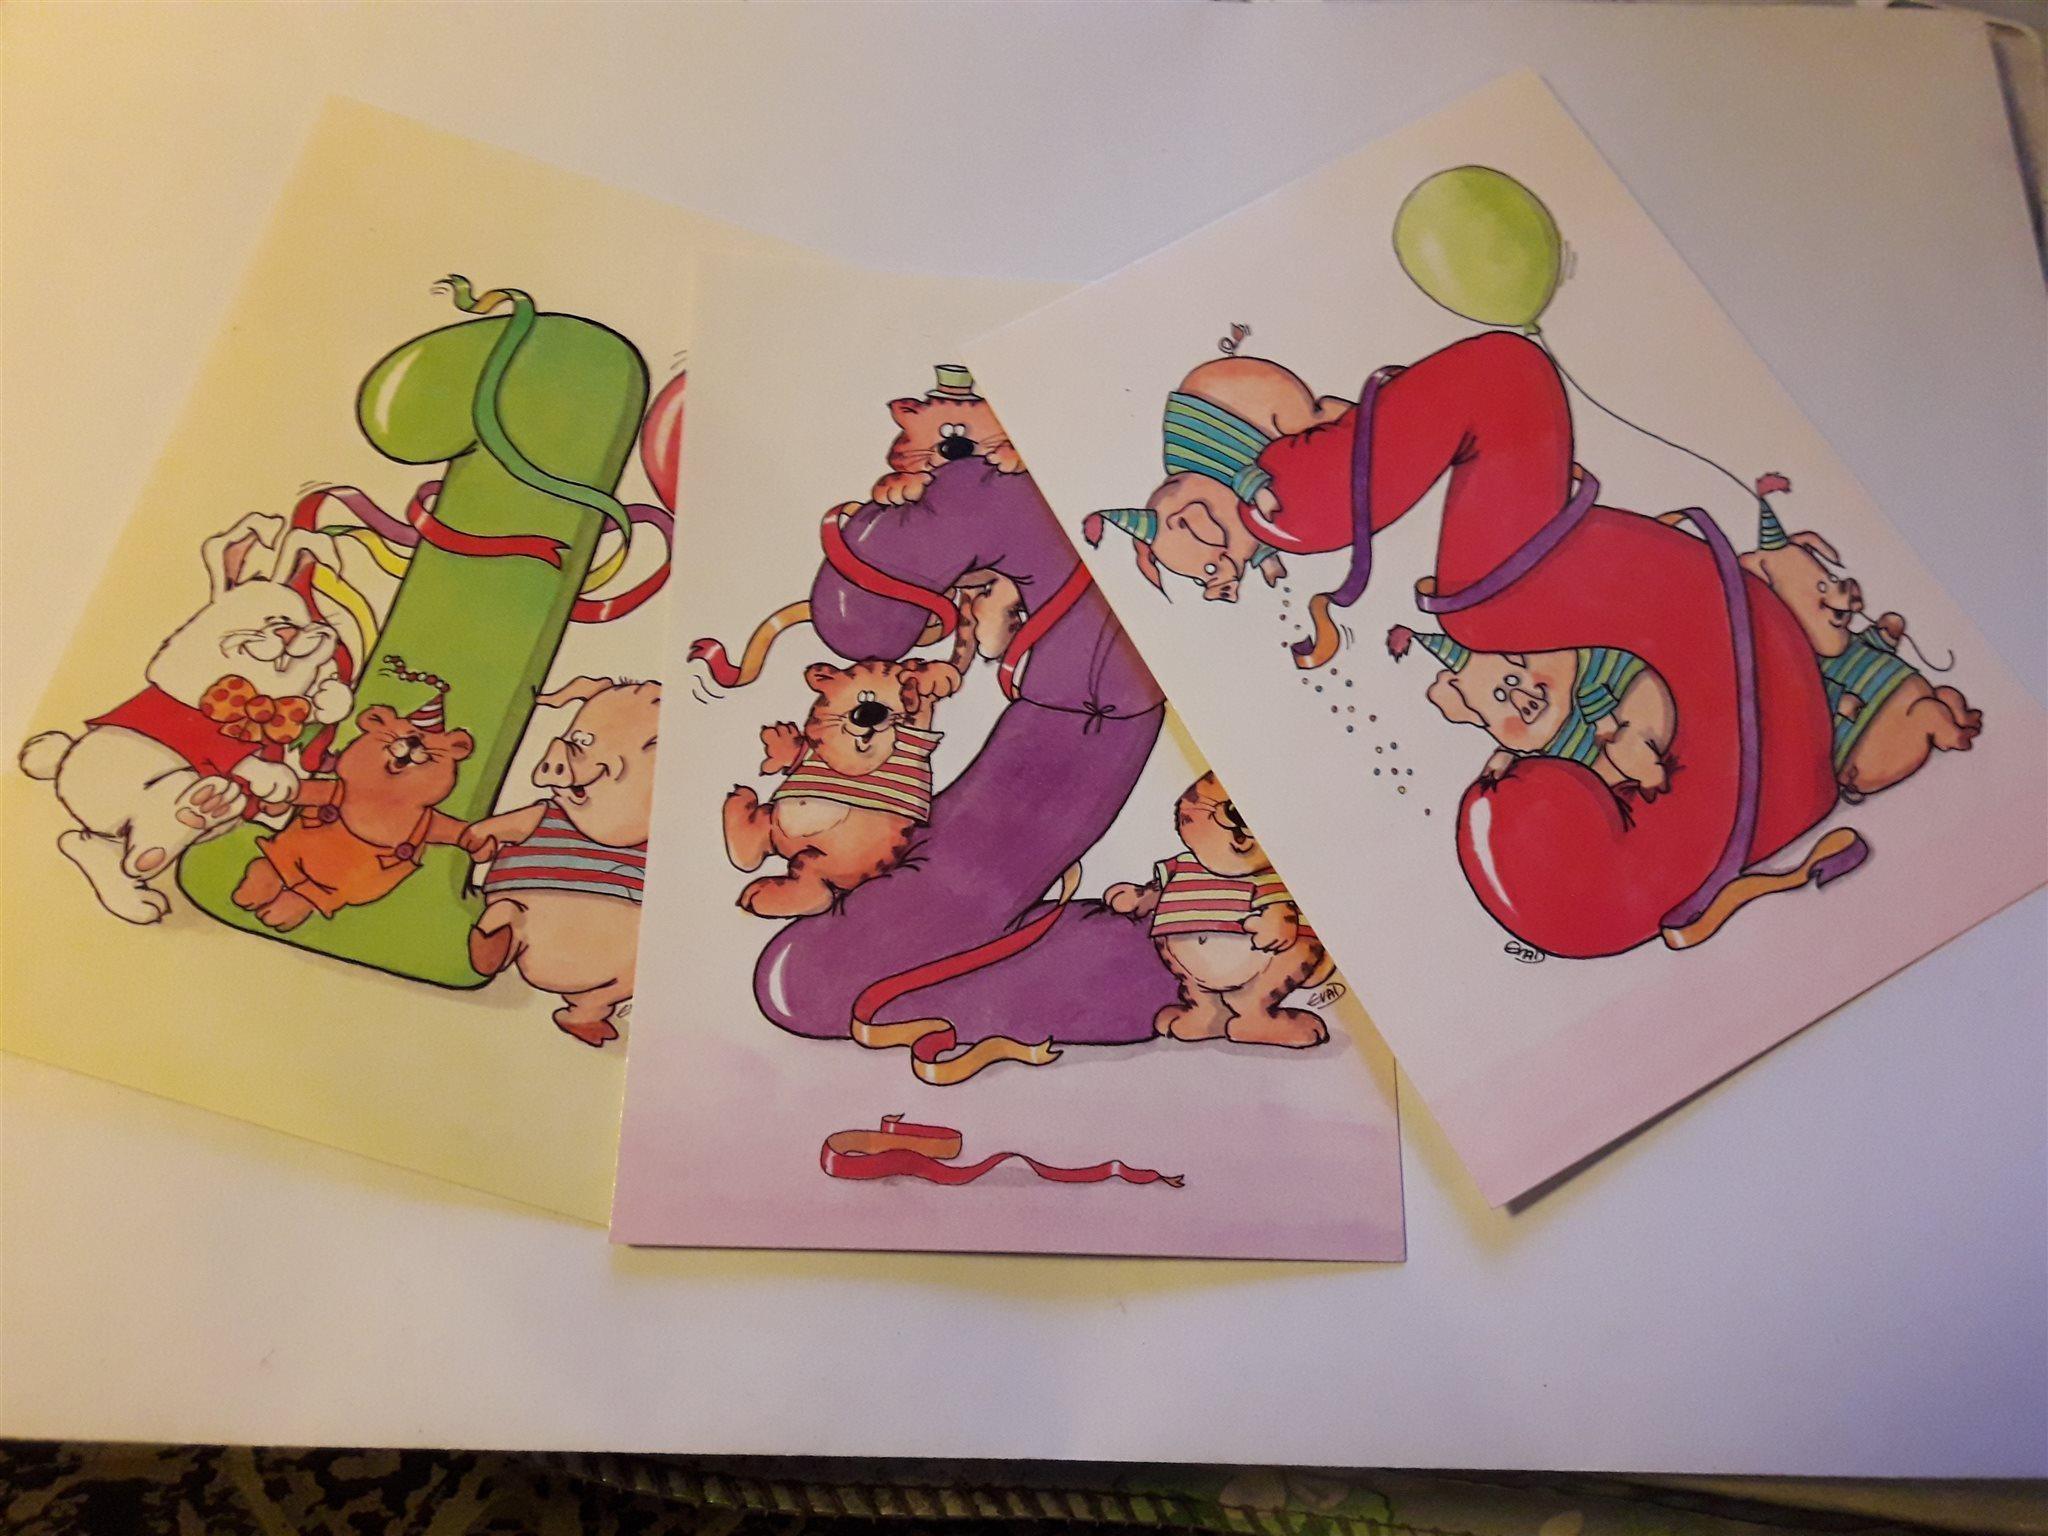 vykort födelsedagskort VykortFödelsedagskort (311357436) ᐈ Köp på Tradera vykort födelsedagskort